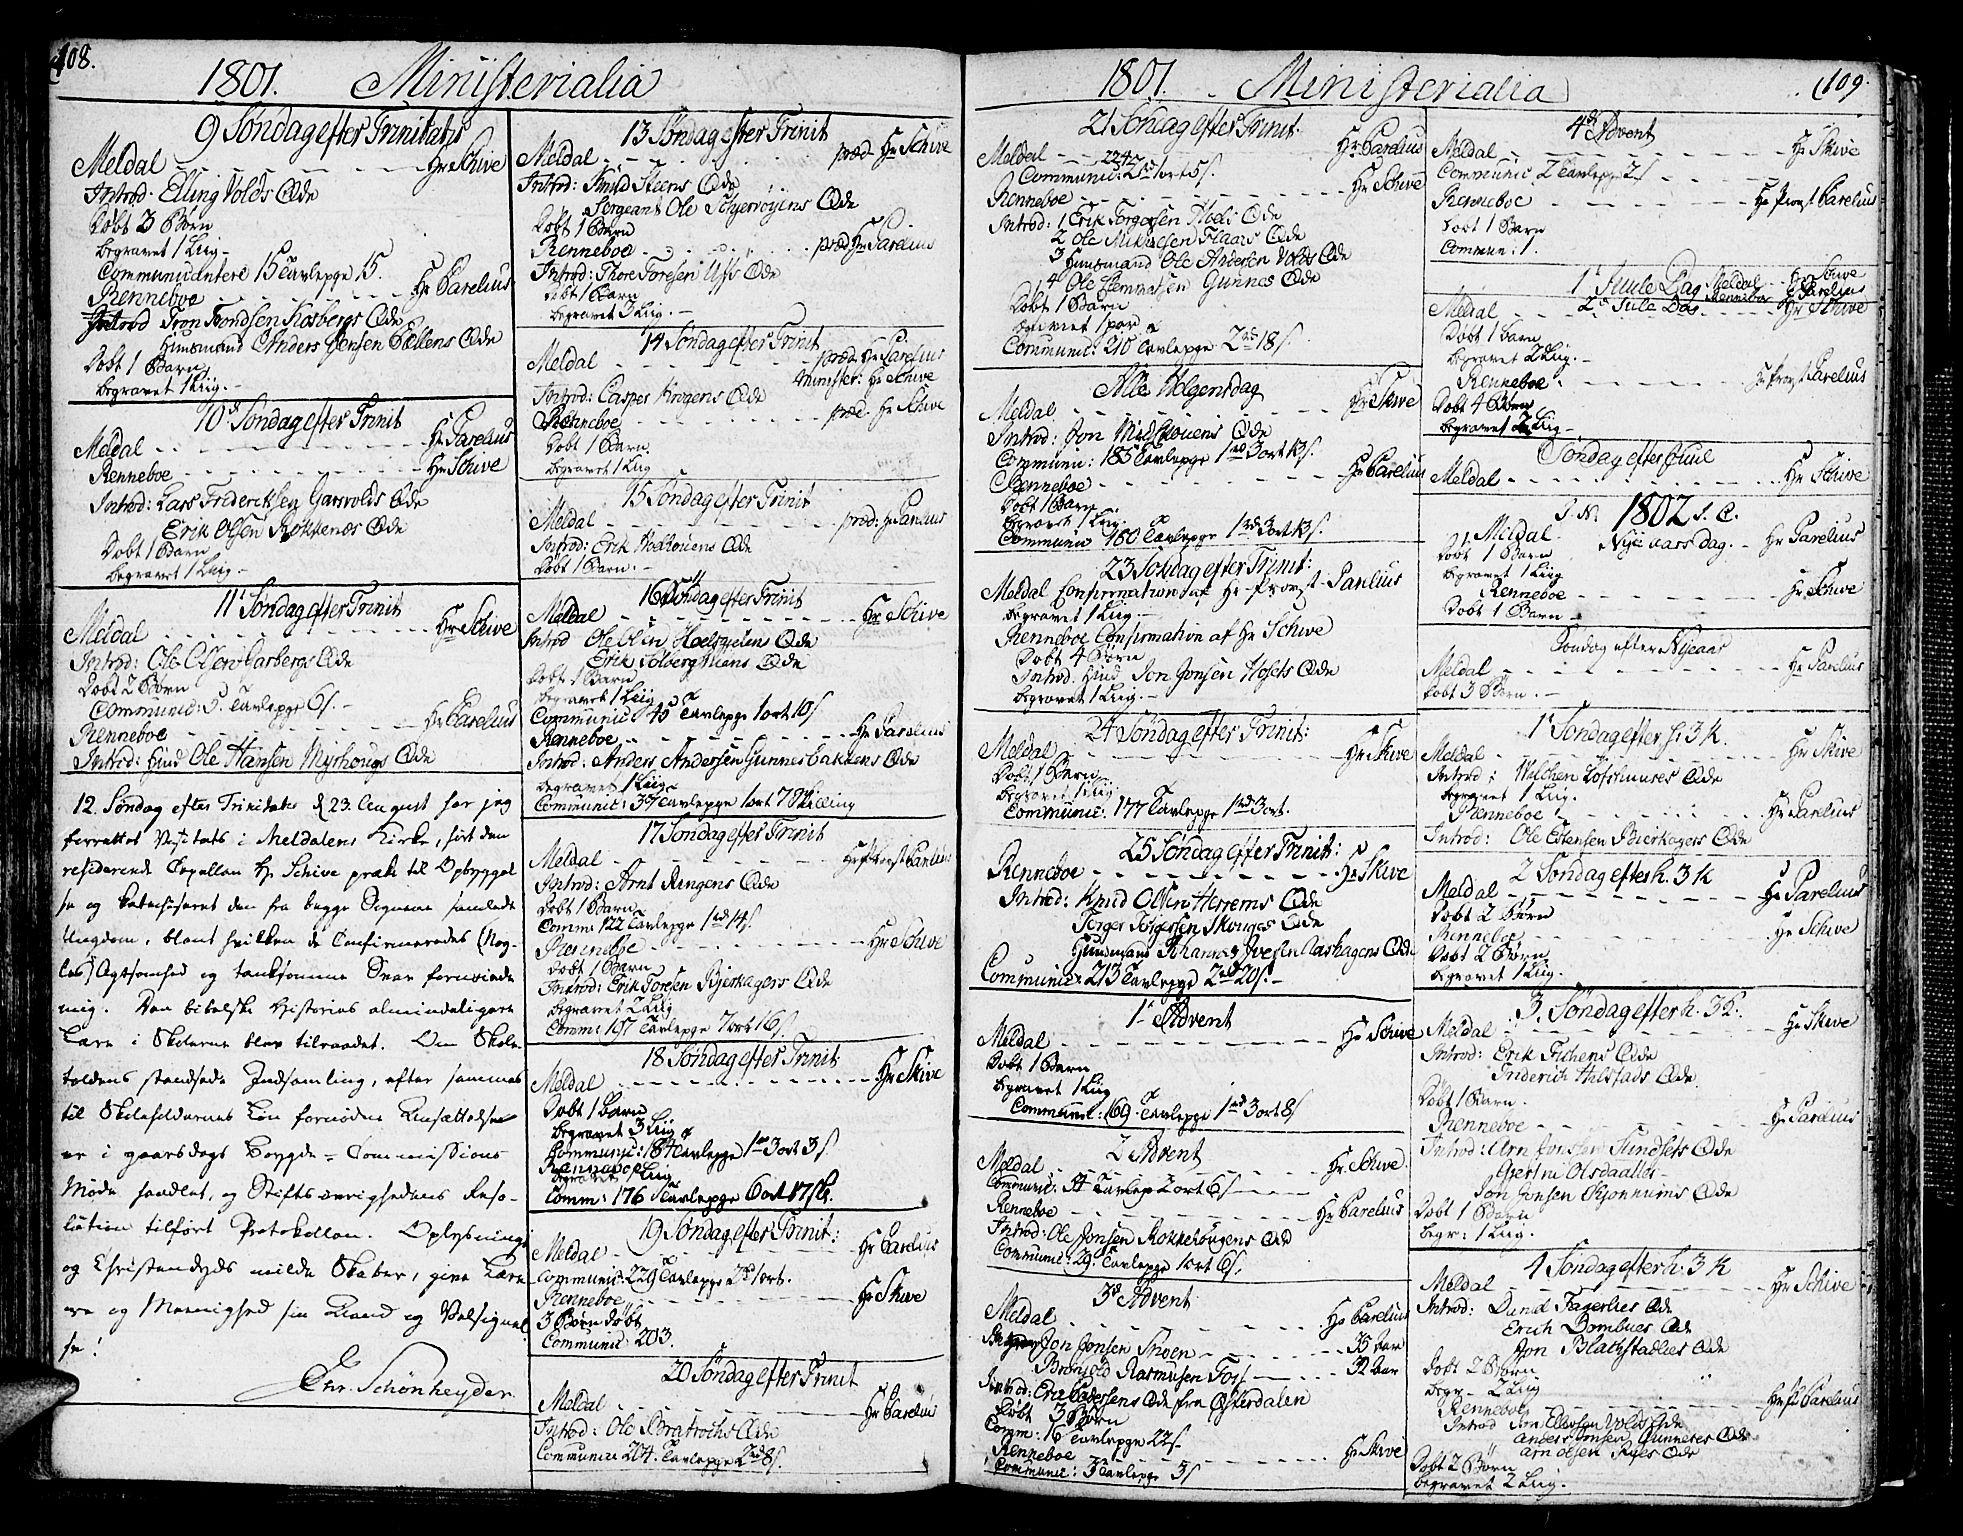 SAT, Ministerialprotokoller, klokkerbøker og fødselsregistre - Sør-Trøndelag, 672/L0852: Ministerialbok nr. 672A05, 1776-1815, s. 108-109